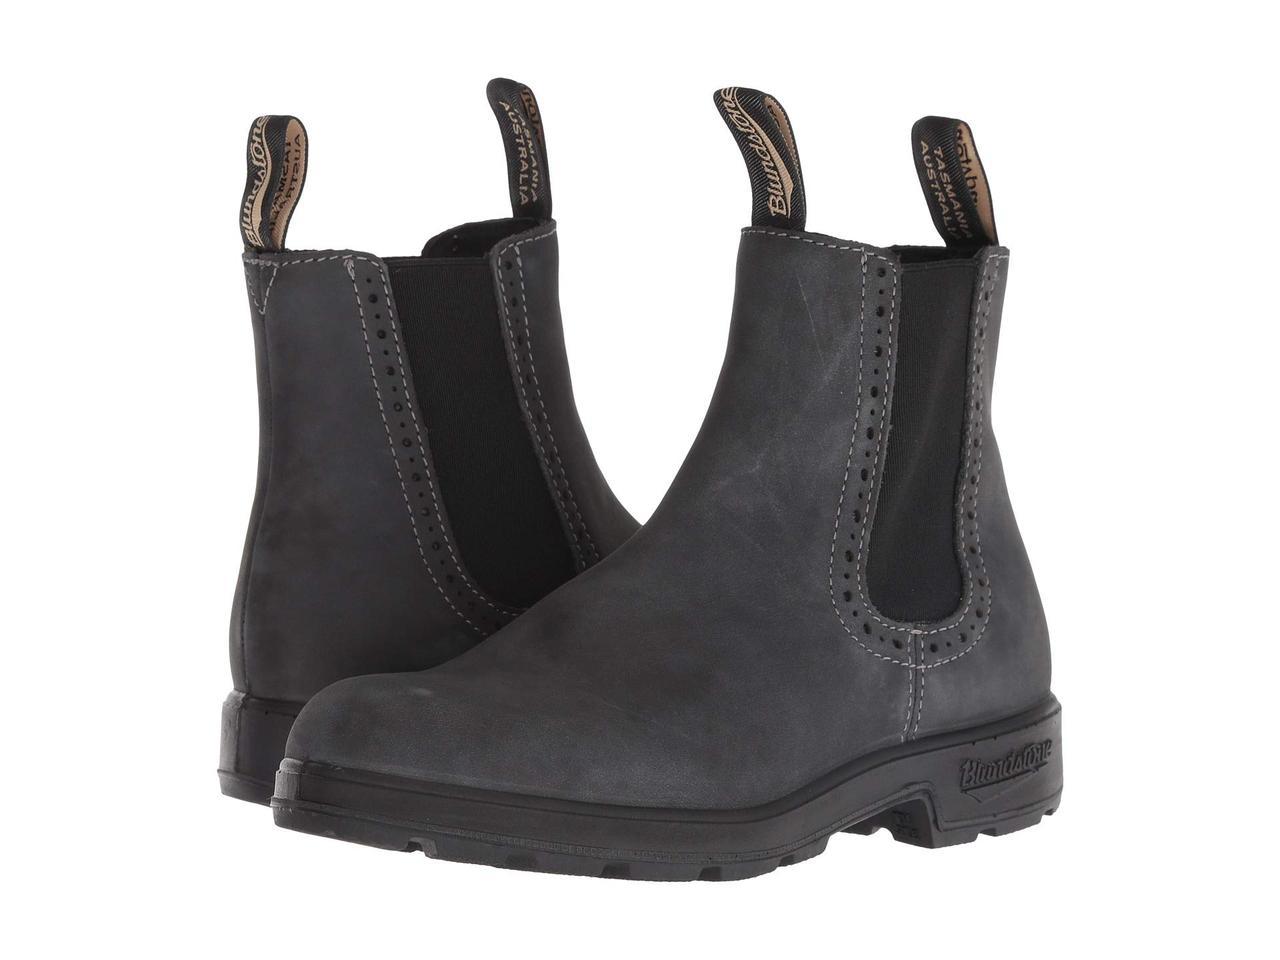 Ботинки/Сапоги (Оригинал) Blundstone BL1630 Rustic Black